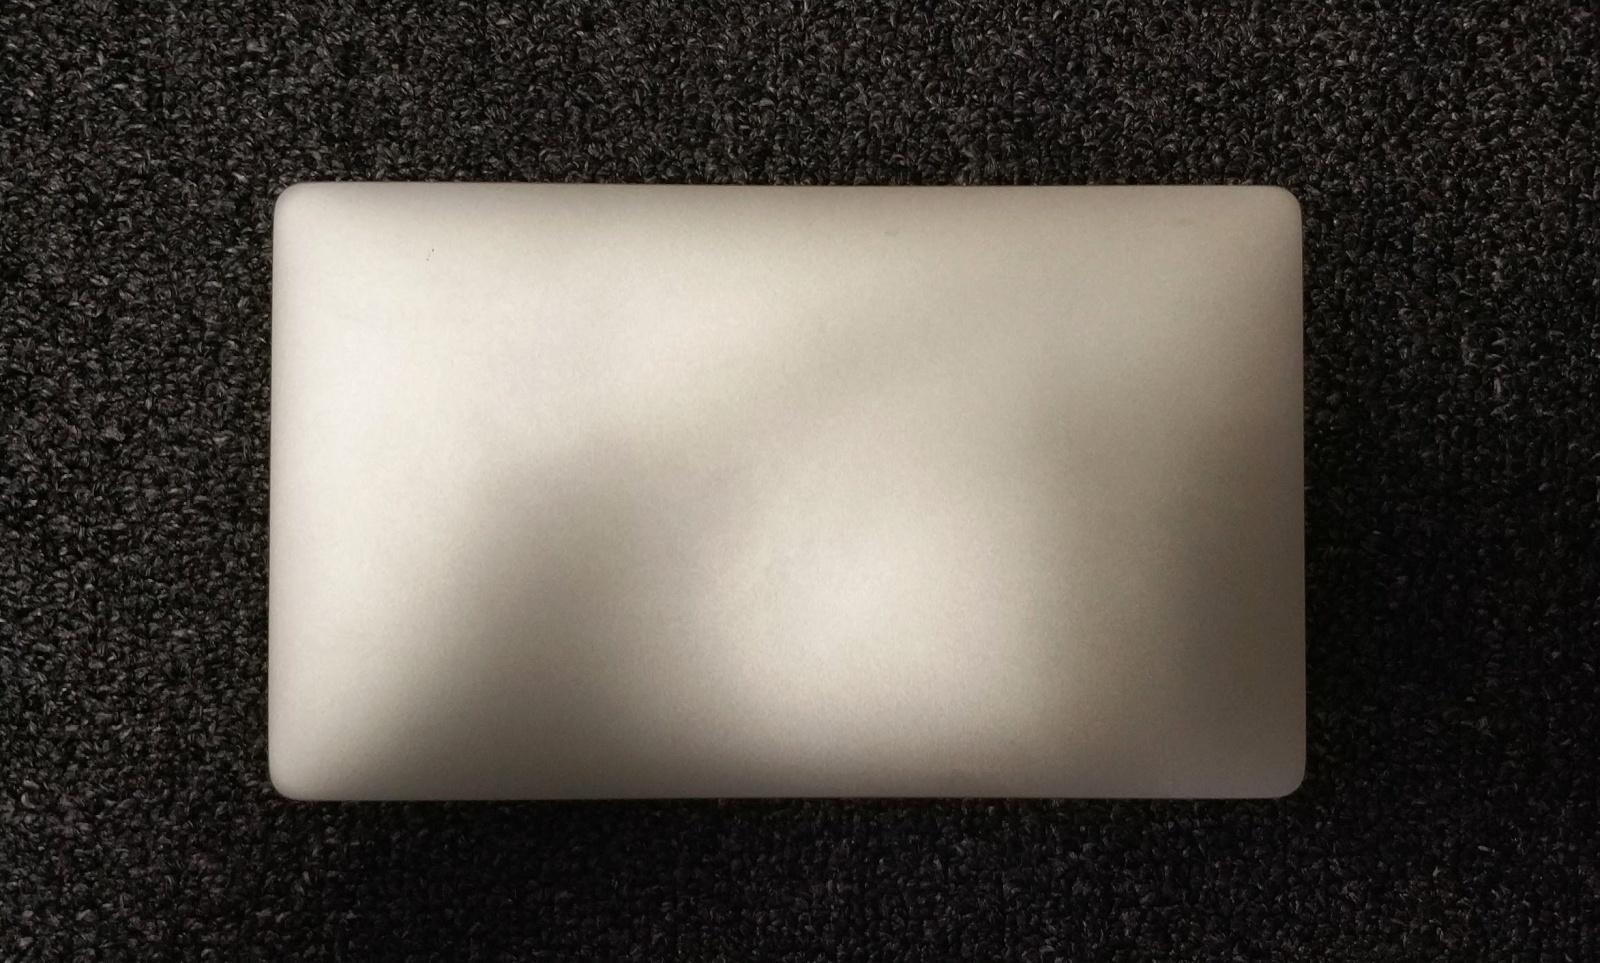 """Обзор миниатюрного 7"""" ноутбук GPD Pocket. Рабочее место сисадмина-программиста в кармане куртки - 2"""